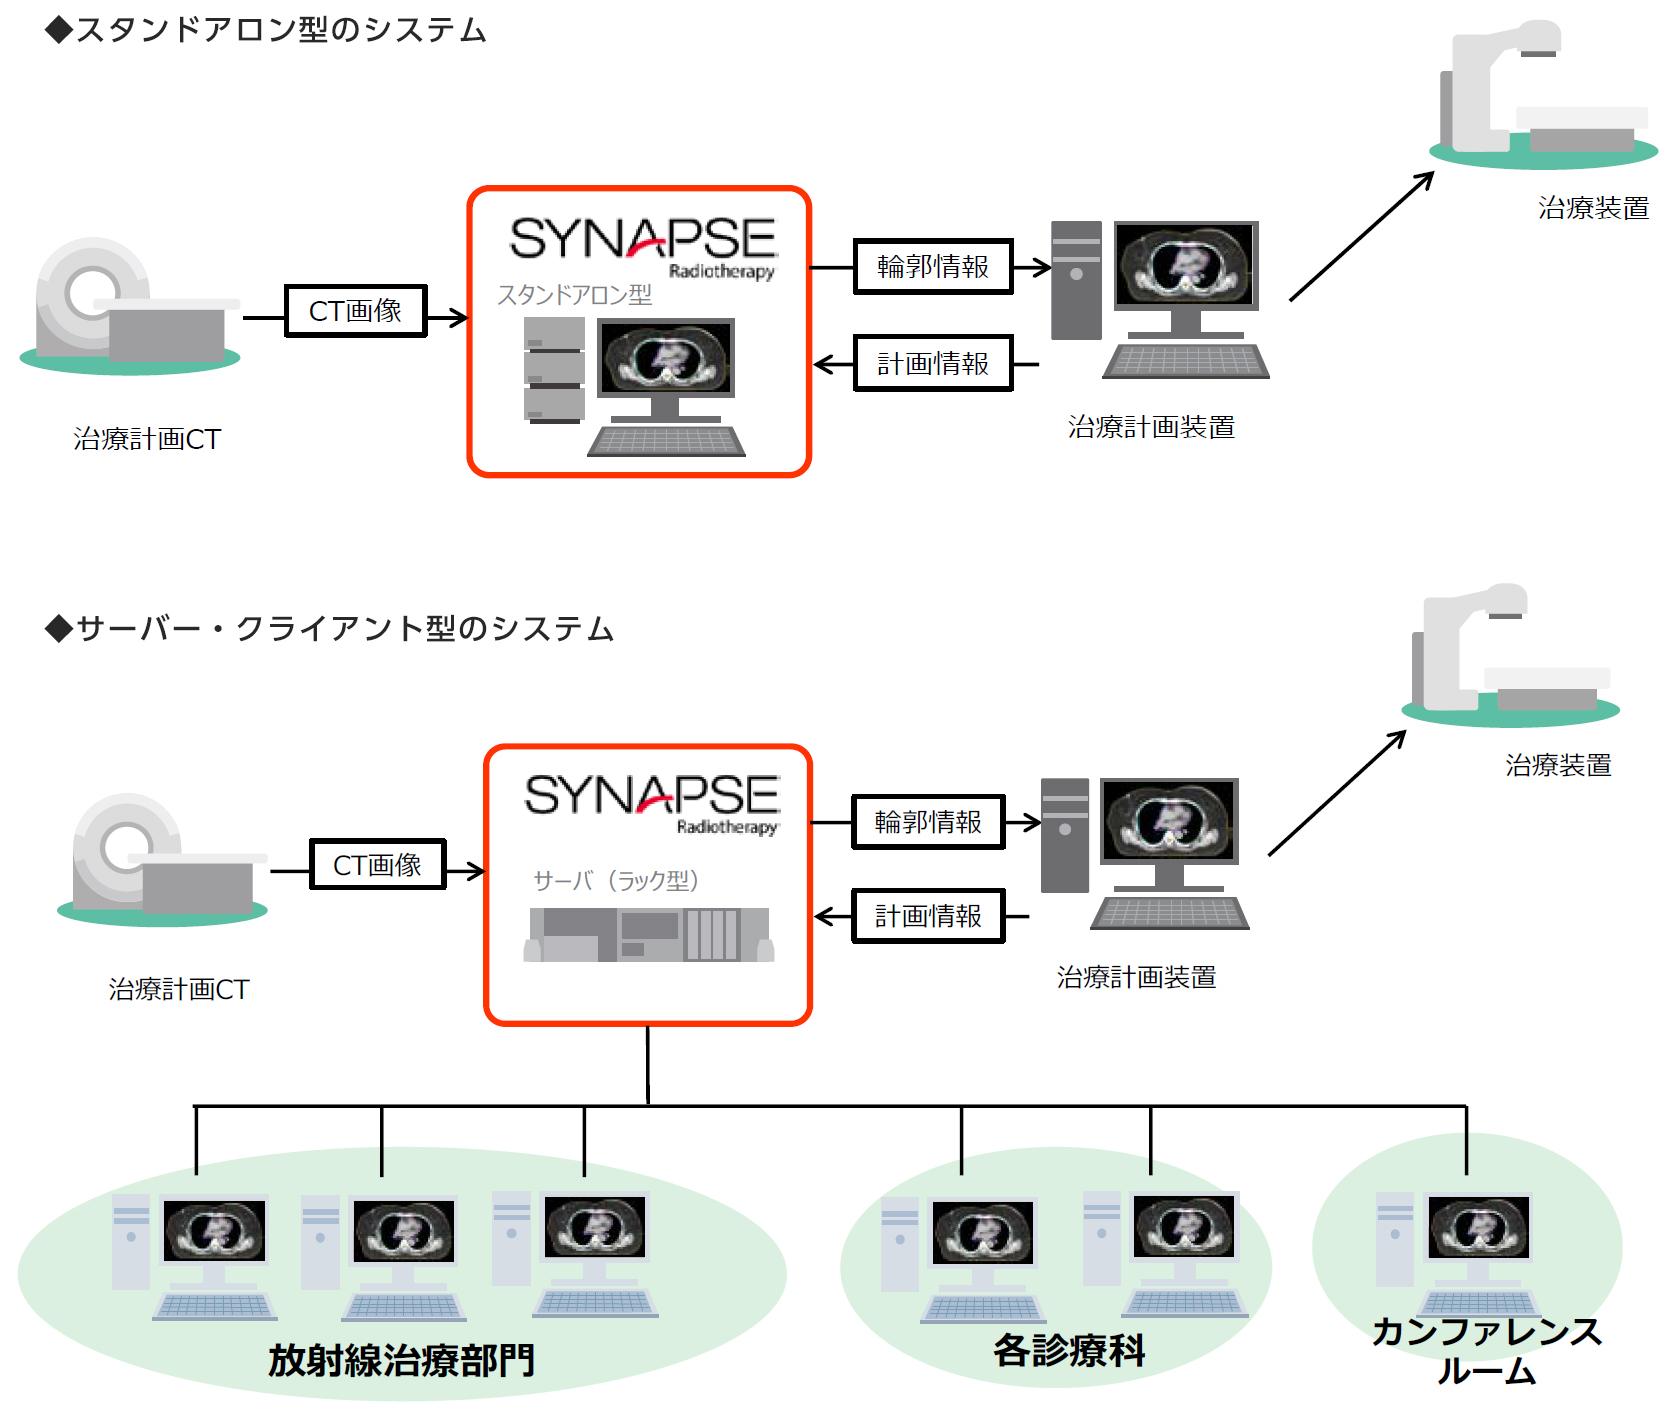 [画像]システム構成